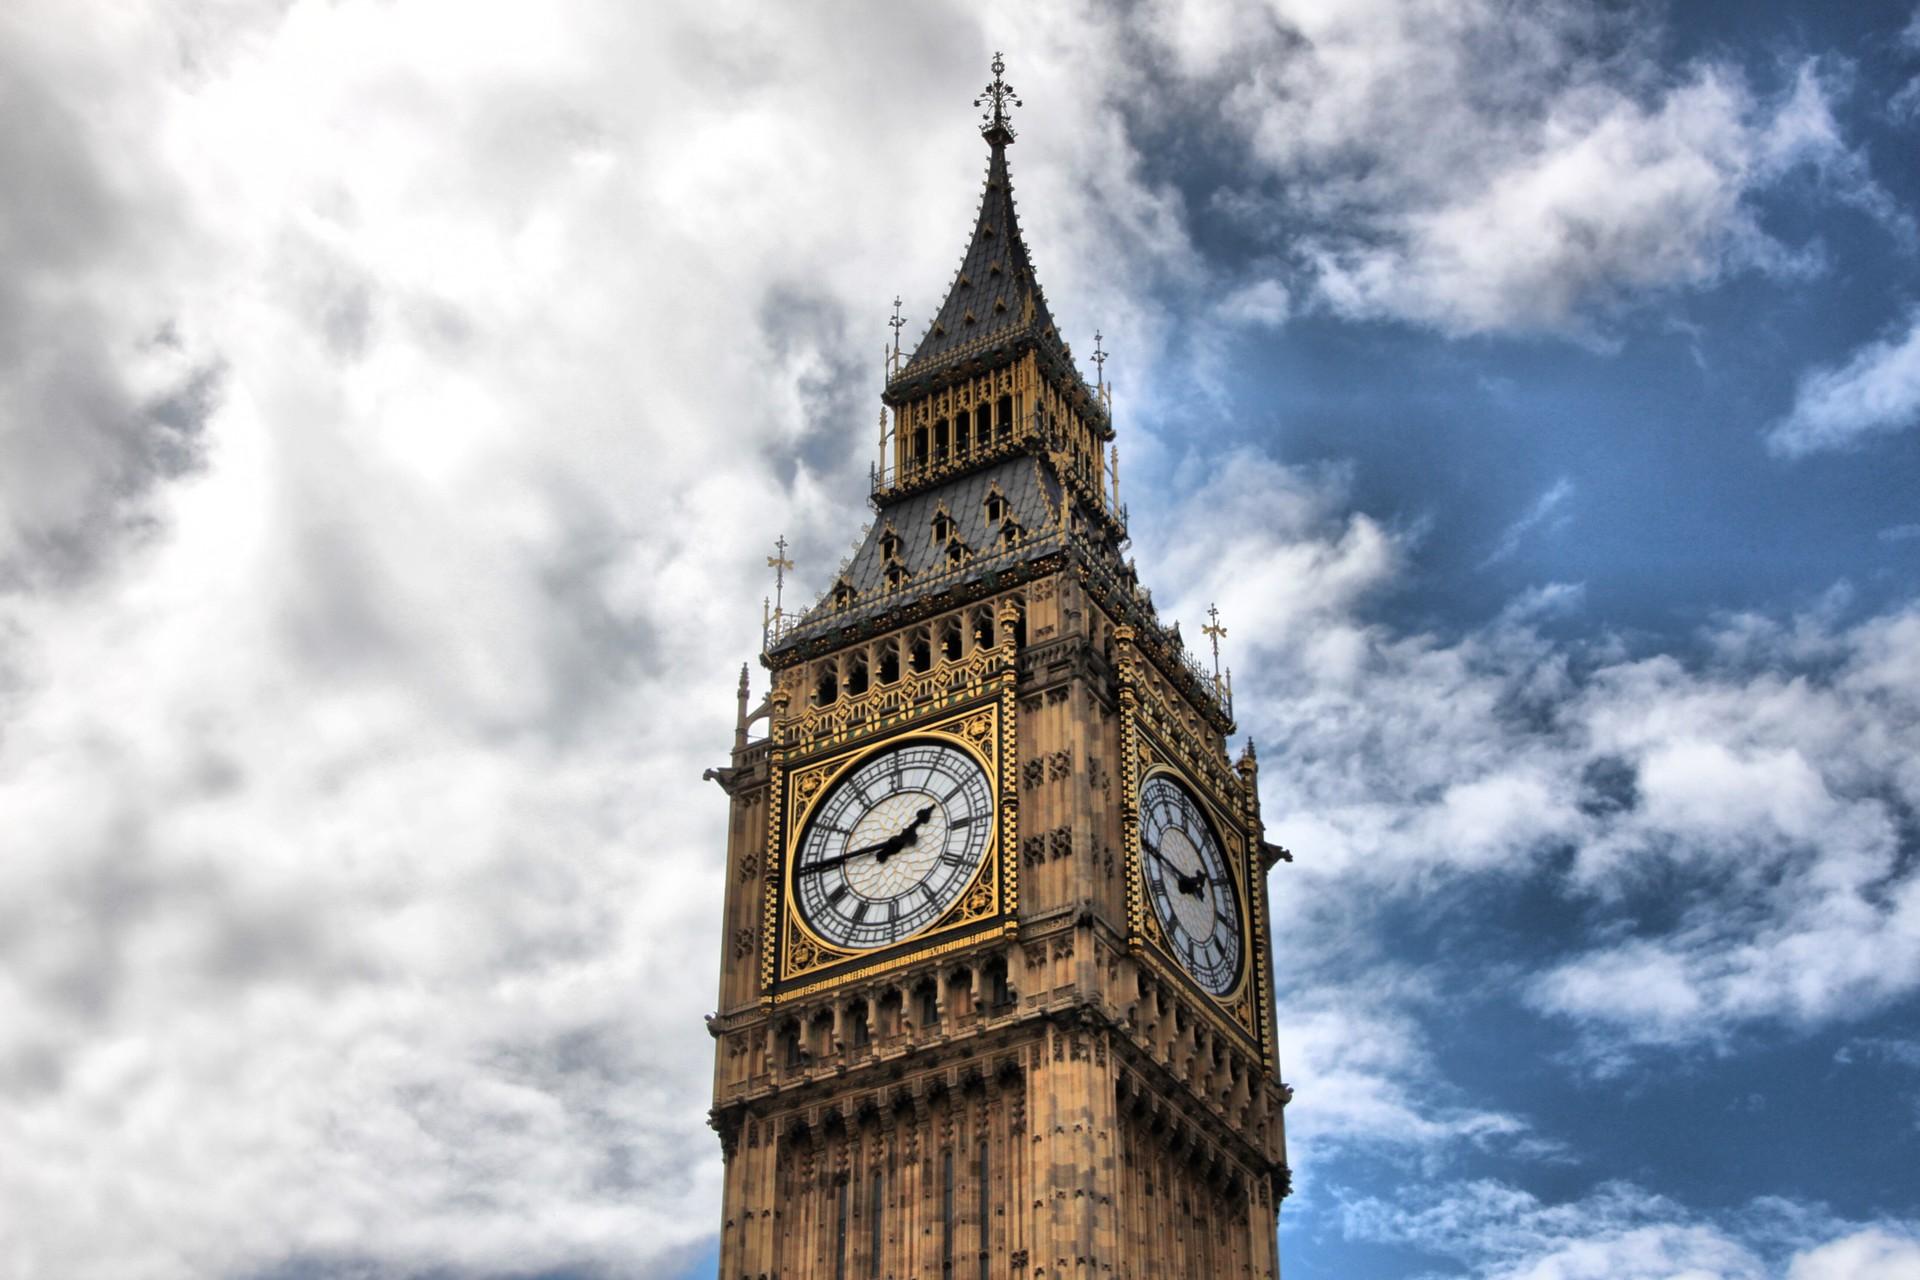 Widescreen Big Ben Image